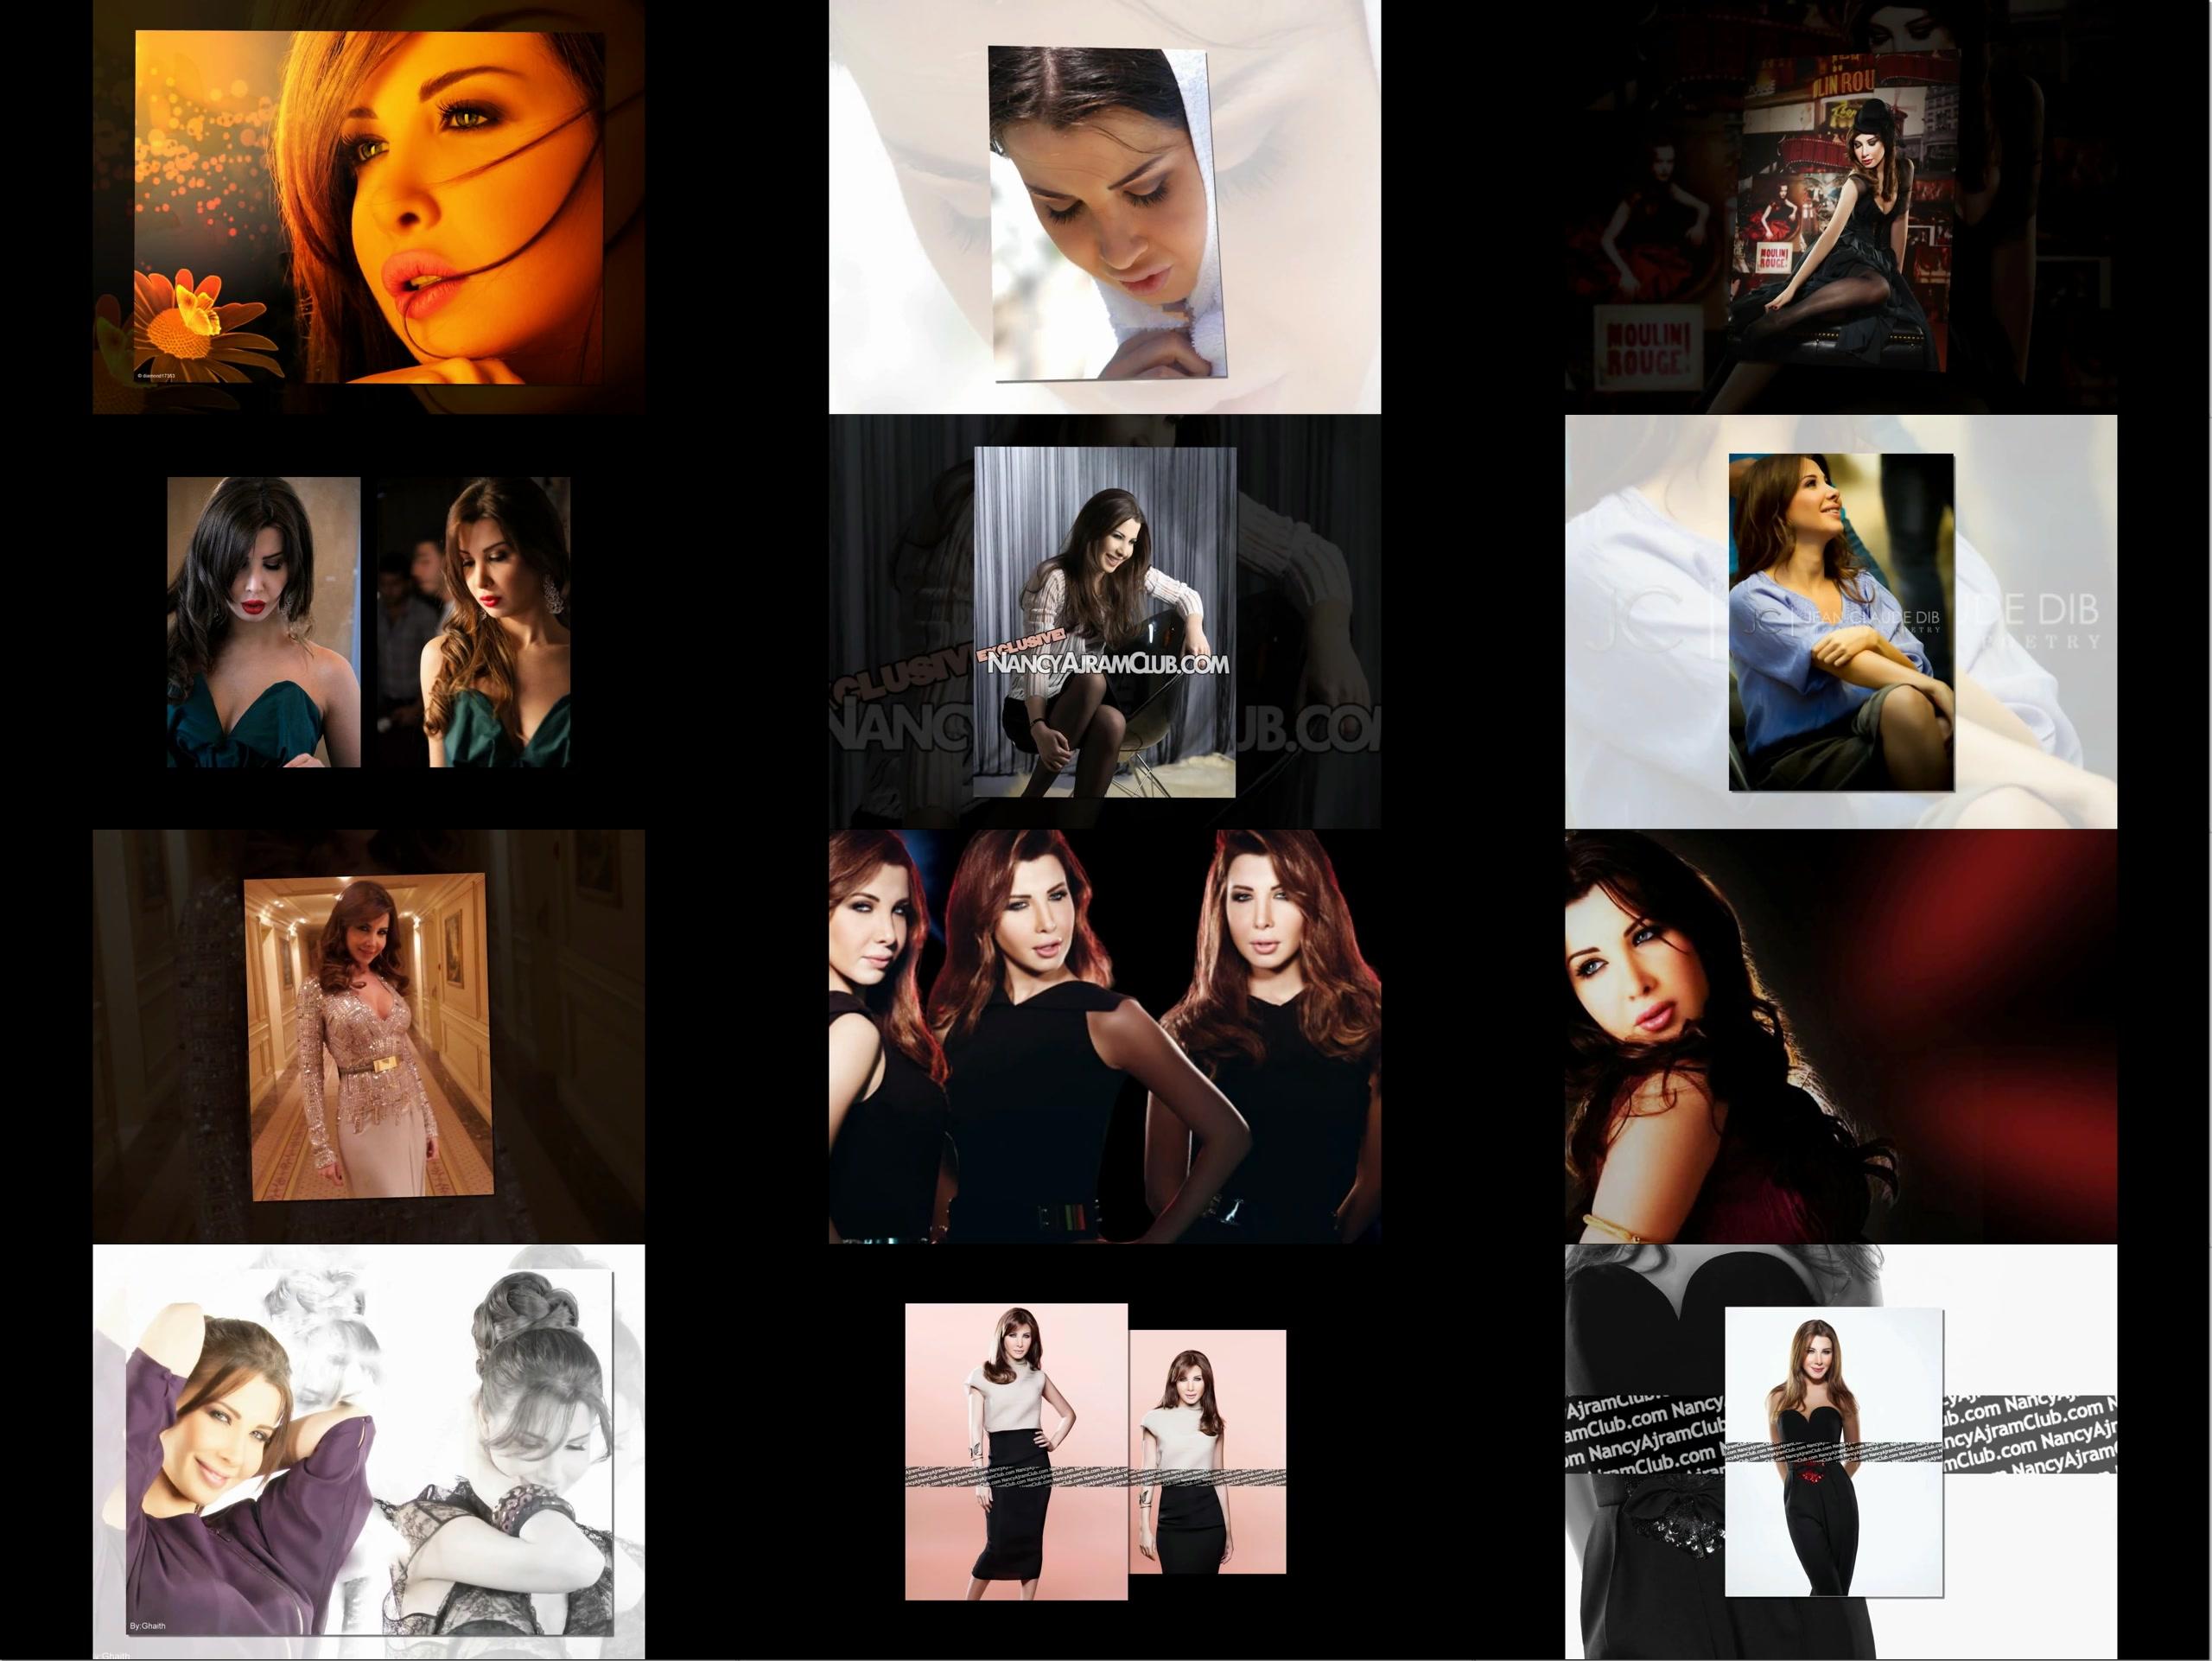 دانلود میکس تصاویر نانسی عجرم با اهنگ شادمهر Nancy Ajram Slideshow & Shadmehr